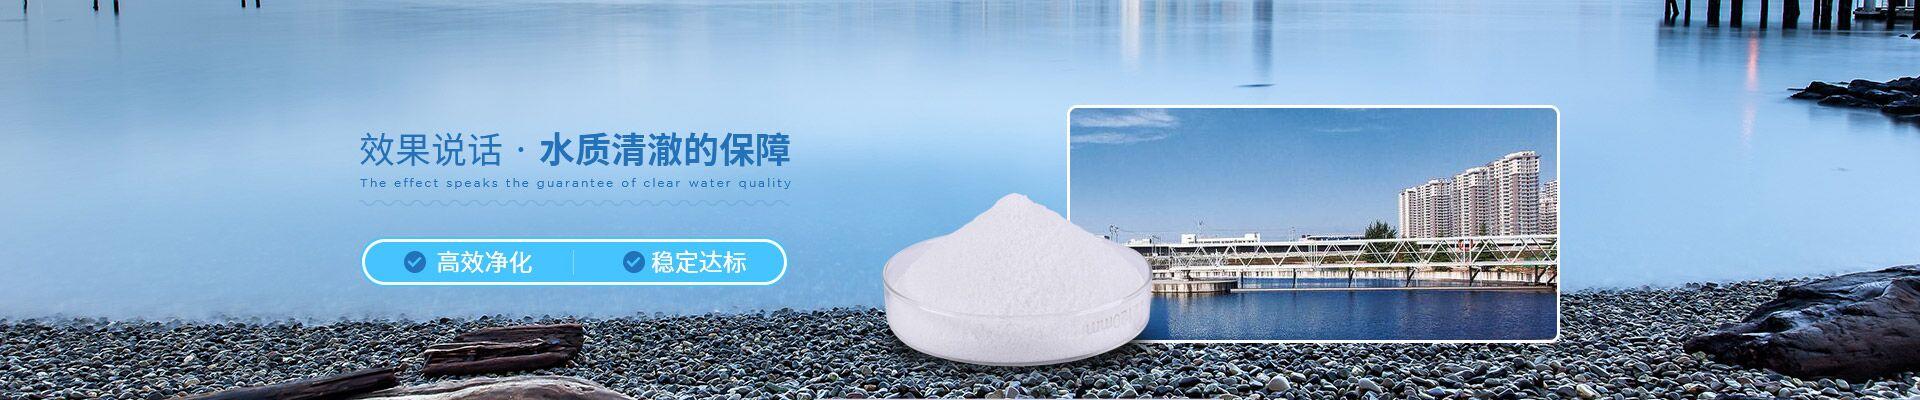 俊三聚丙烯酰胺-效果说话 · 水质清澈的保障